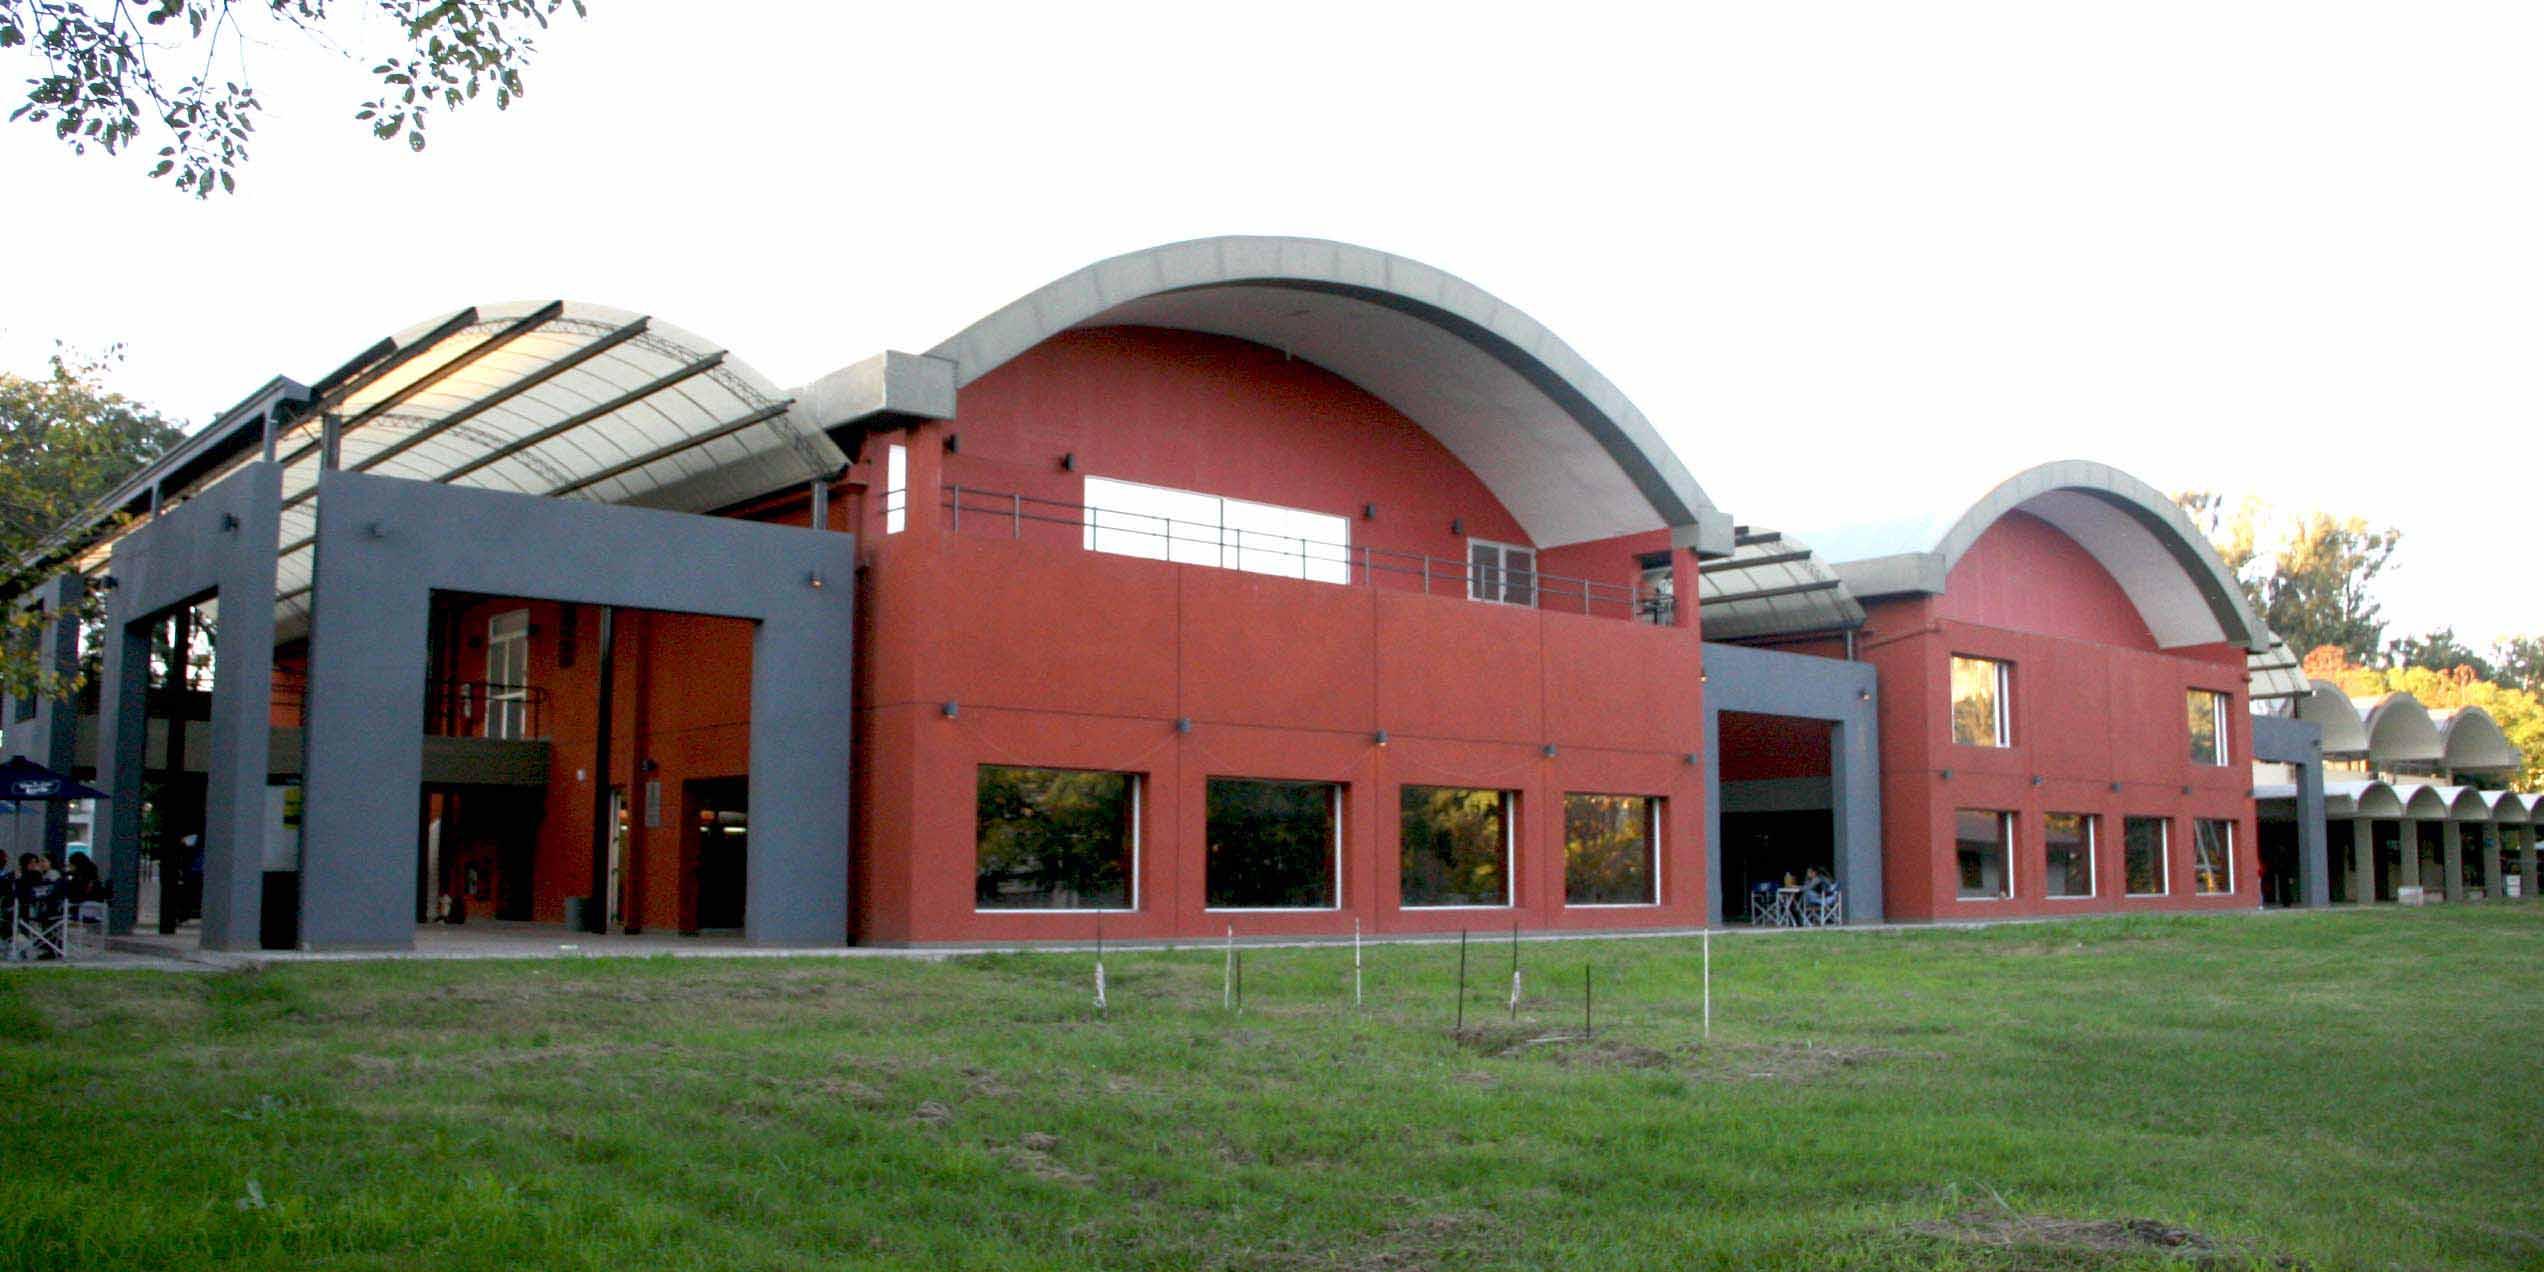 La facultad de arquitectura llama a concurso docente unt for Inscripciones facultad de arquitectura